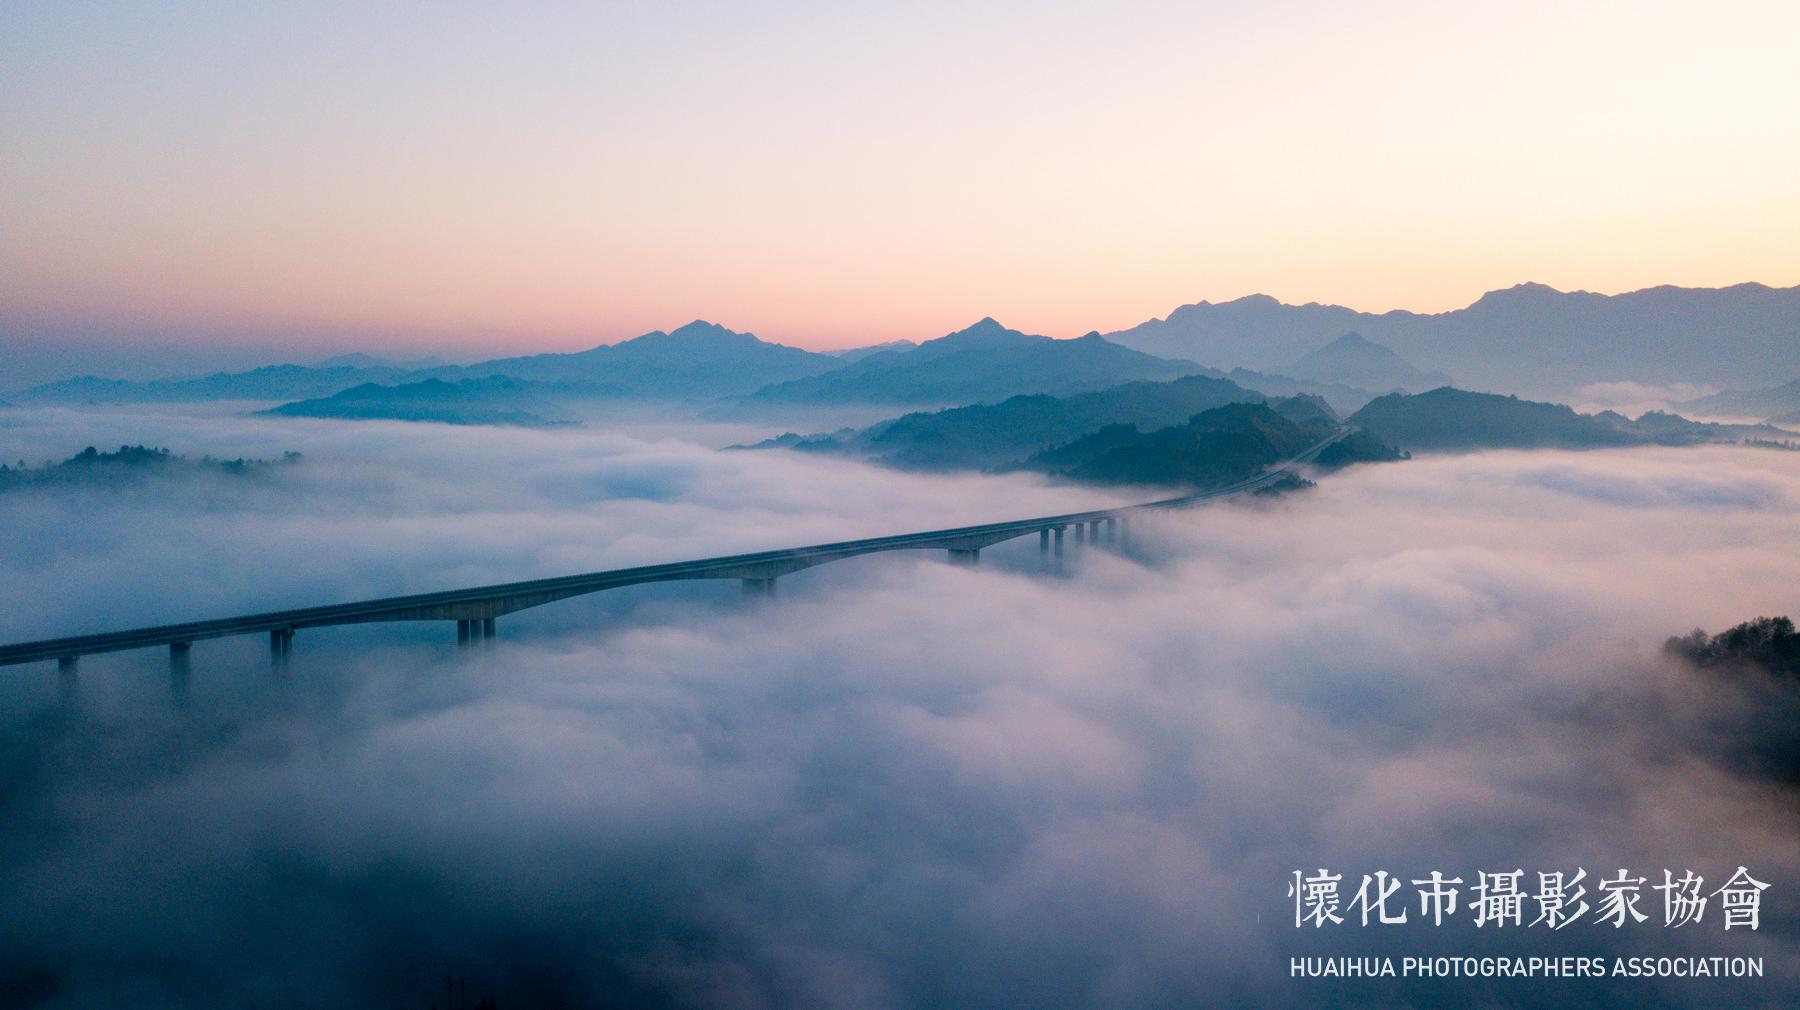 云蒸霞蔚三江桥-3